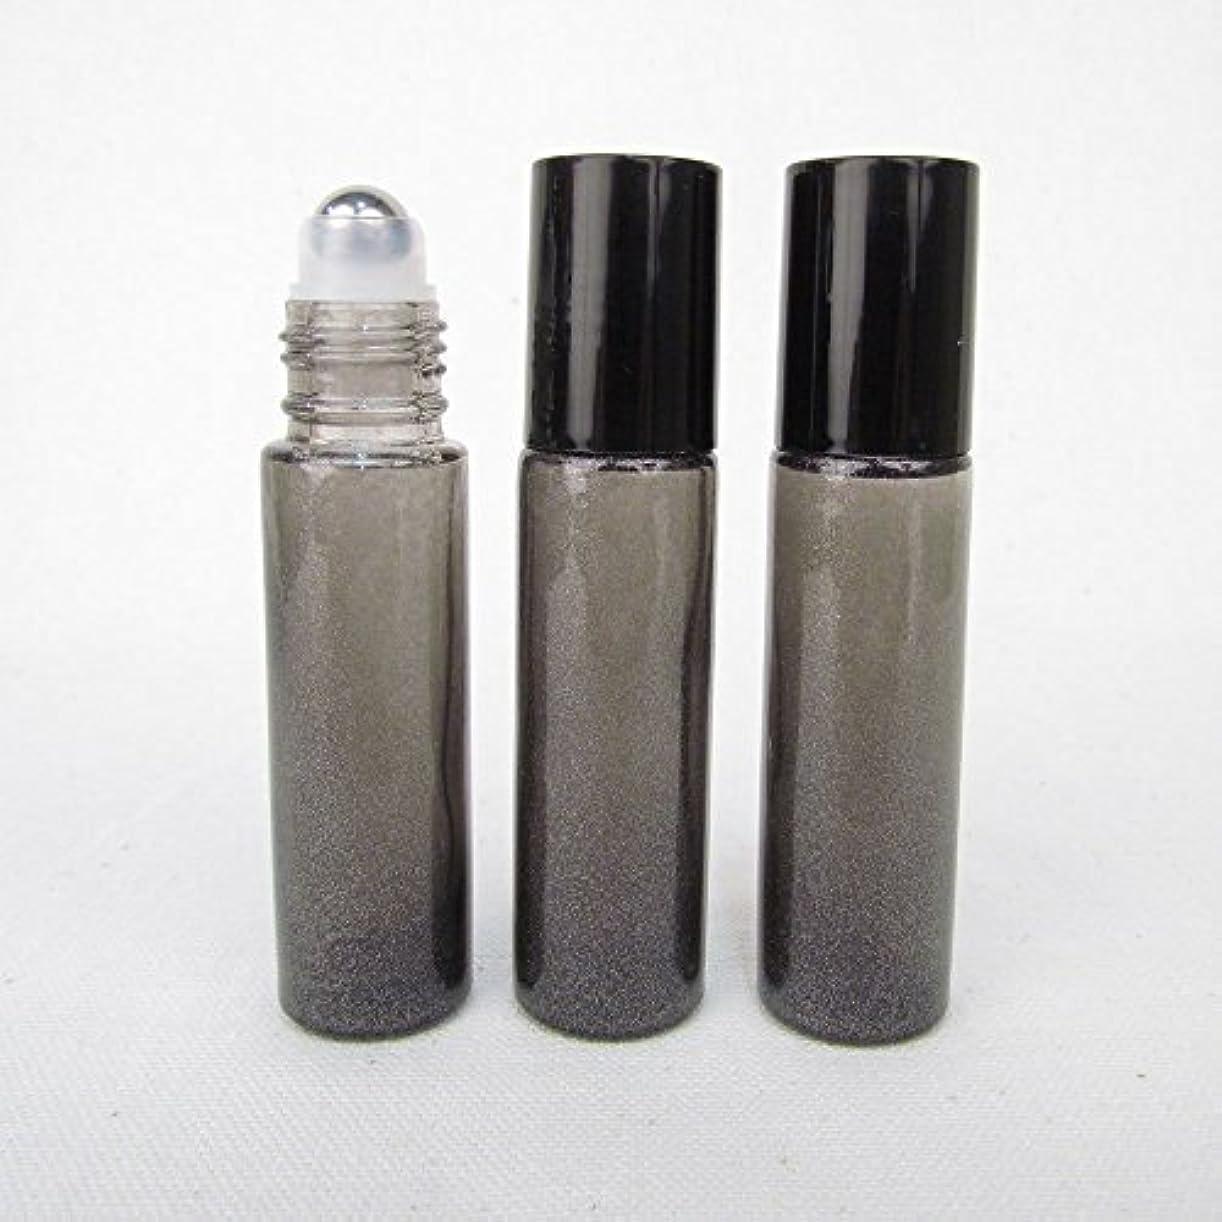 ティーム乳白色蓋Set of 3 Granite Gray Color 10ml Roll on Bottle with Stainless Steel Ball for Essential Oil Products by Rivertree...